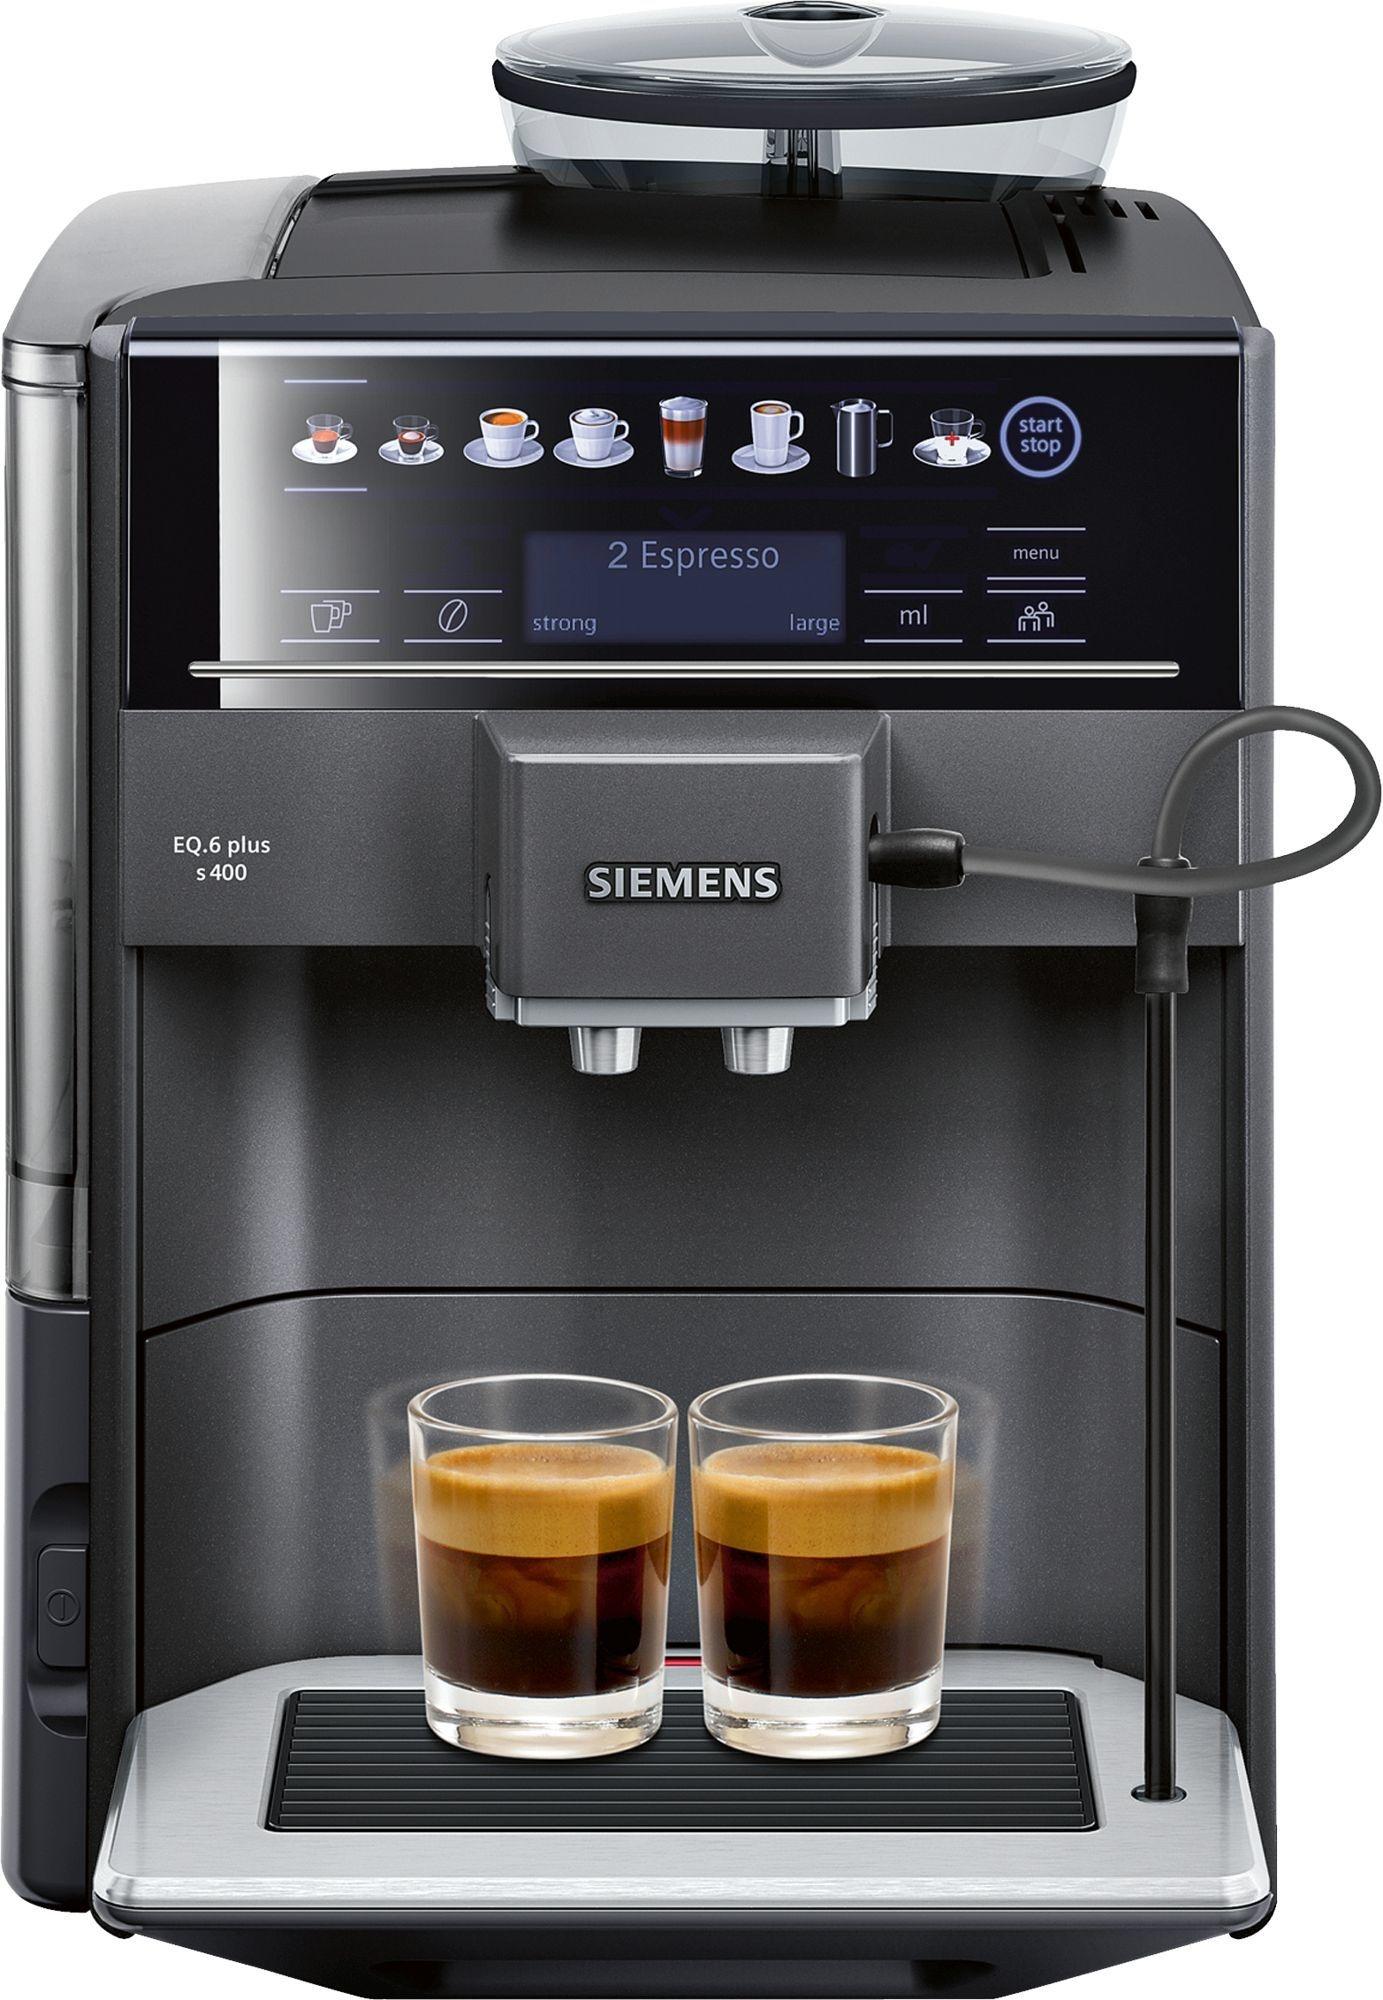 siemens eq 6 plus s400 espresso volautomaat te654319rw prijzen tweakers. Black Bedroom Furniture Sets. Home Design Ideas